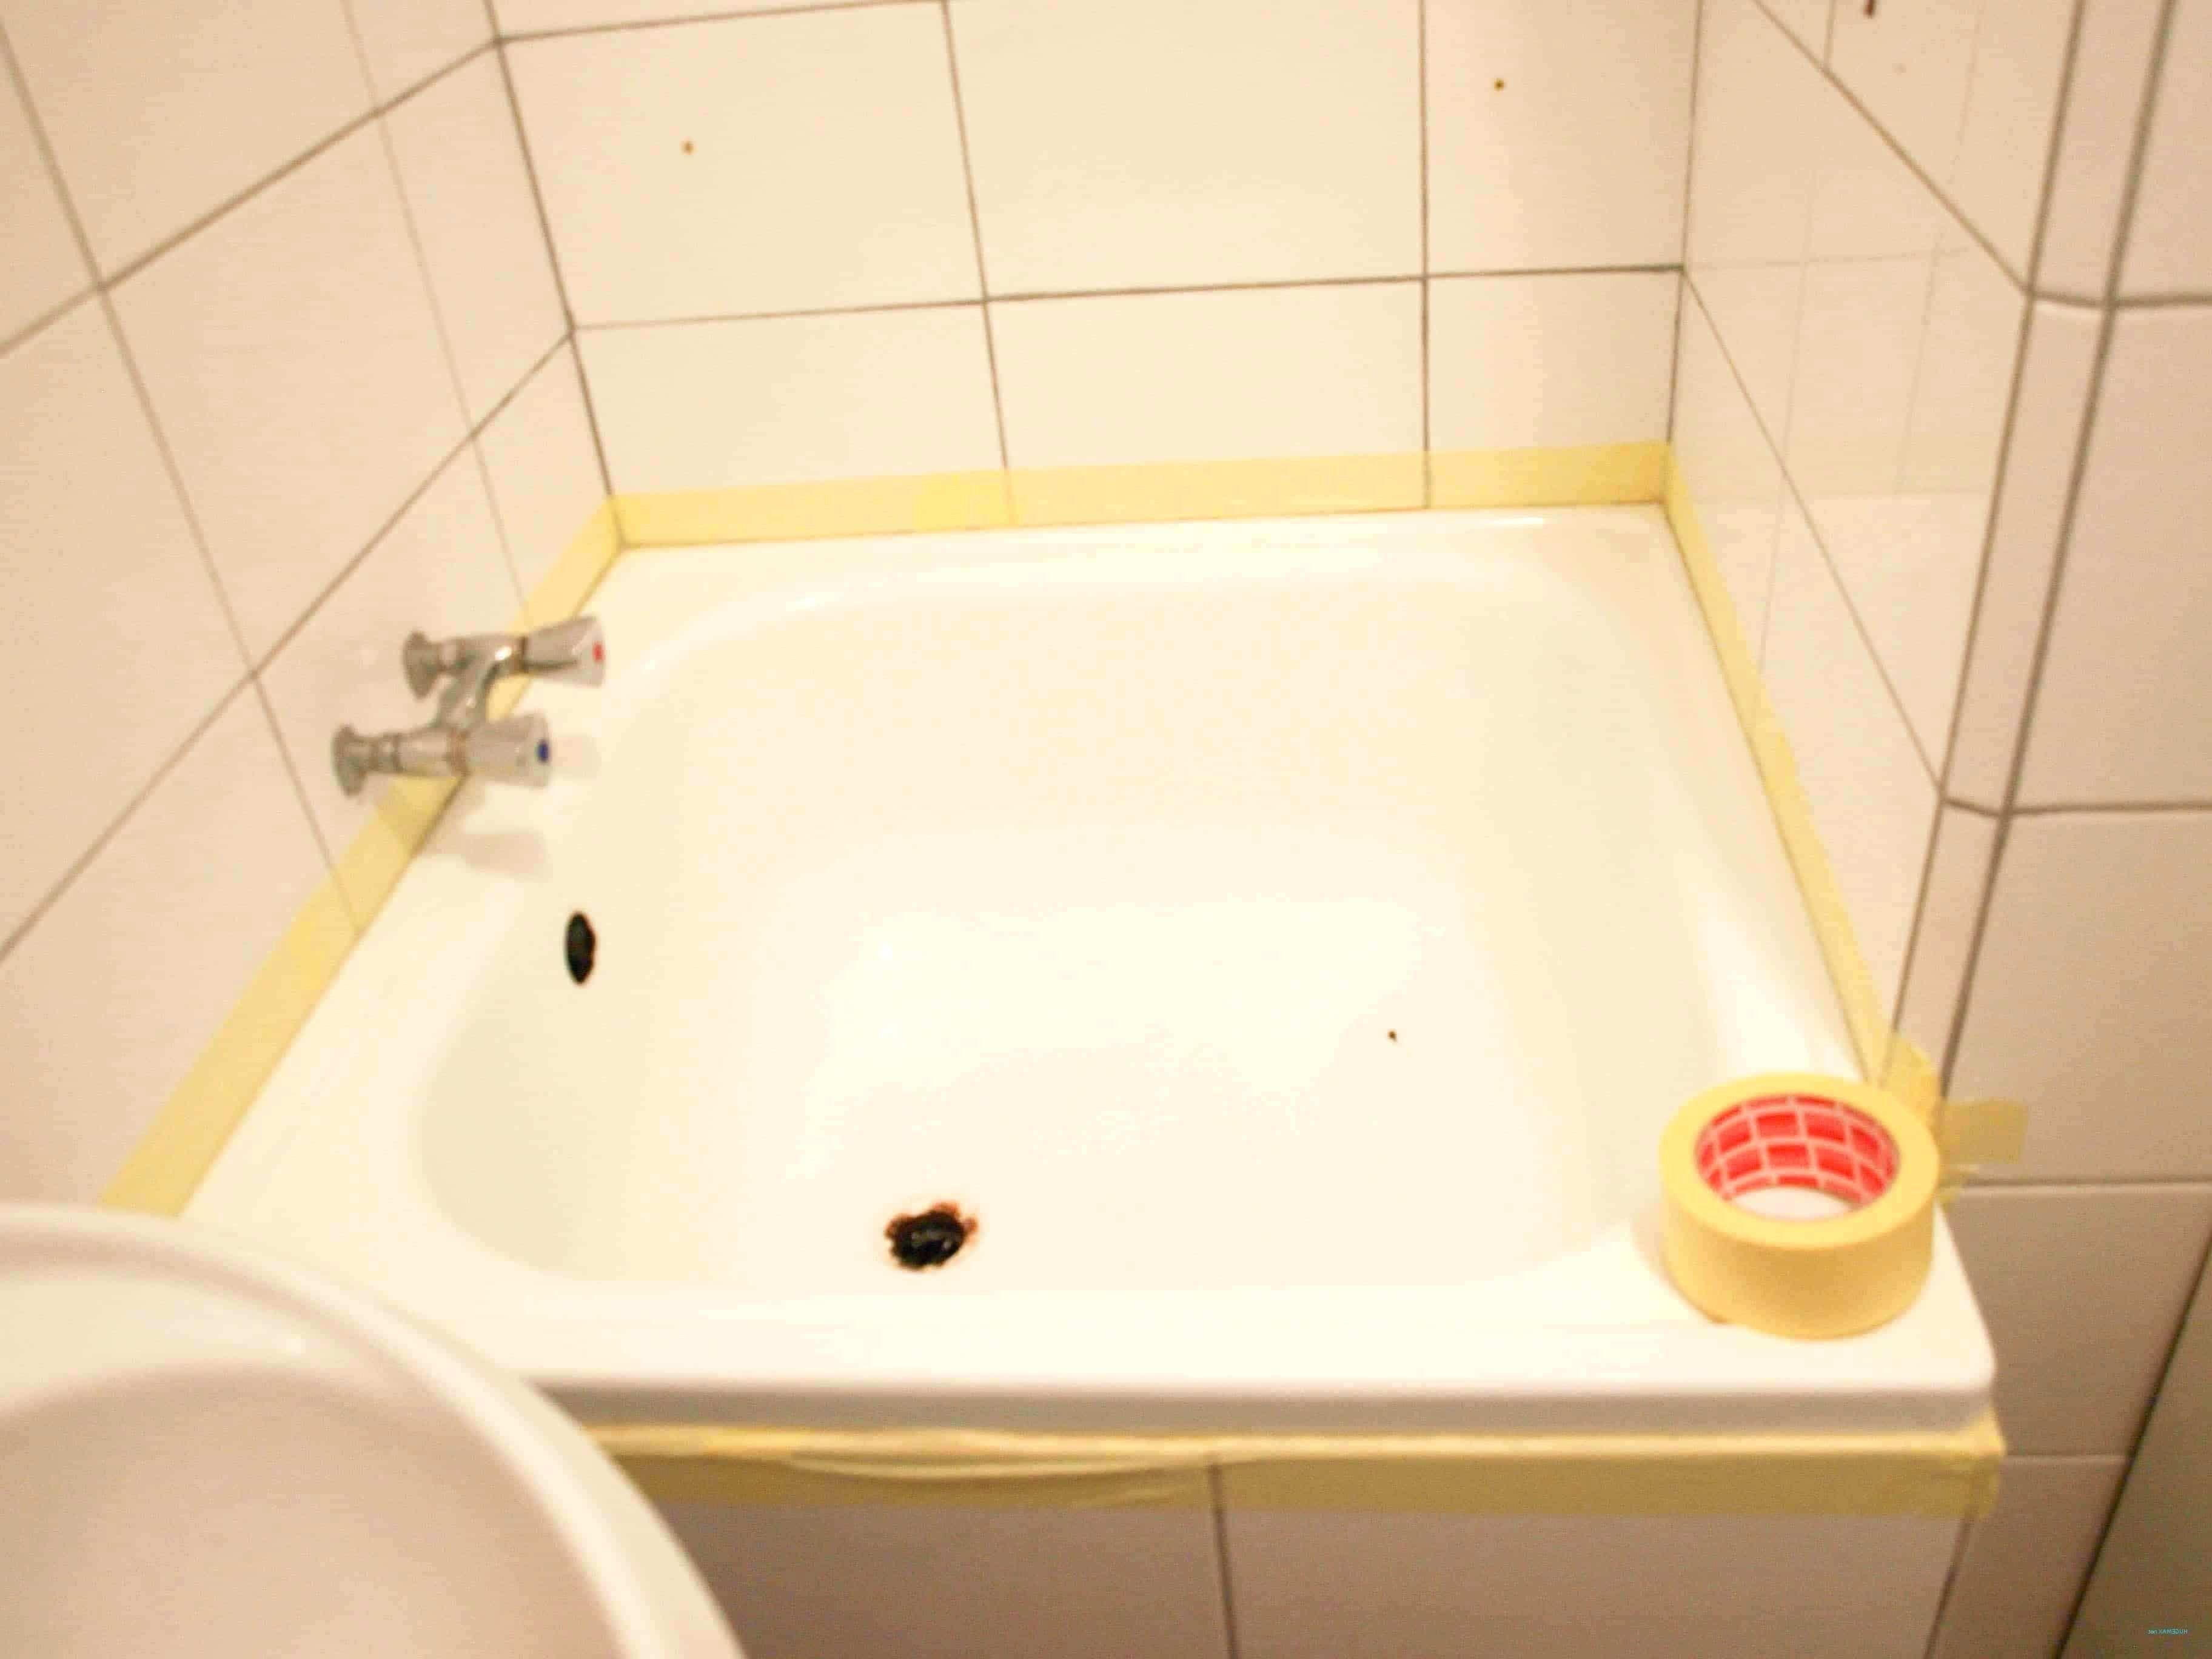 Peinture Epoxy Sans Solvant Pour Baignoire Acrylique Qui Sont Des Boosters D Humeur Instantanee Bathtub Sink